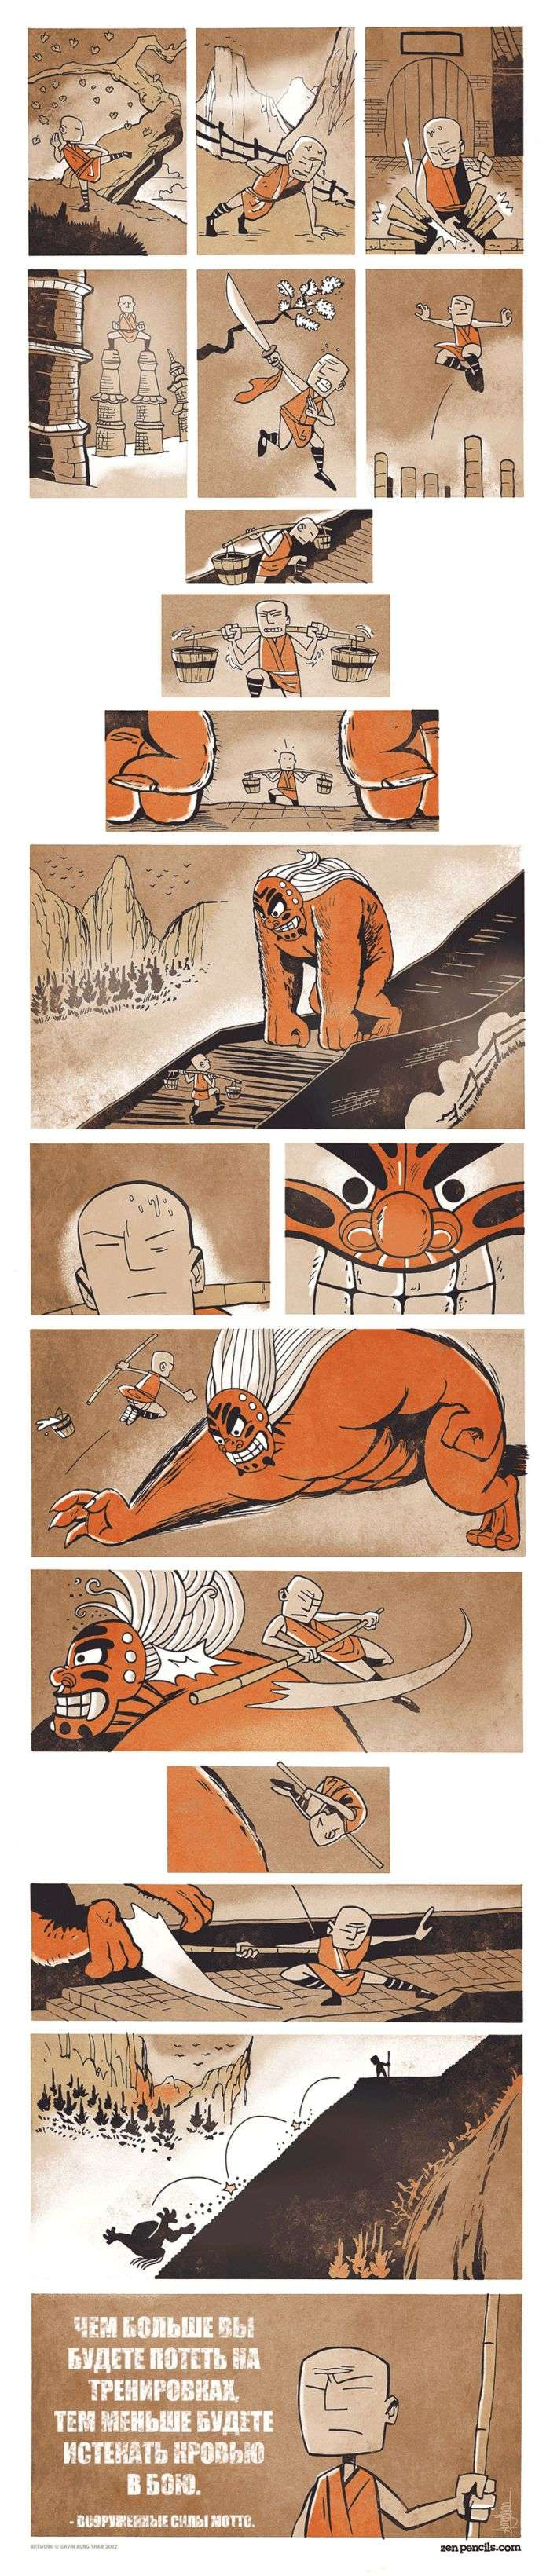 Філософські комікси (19 картинок)